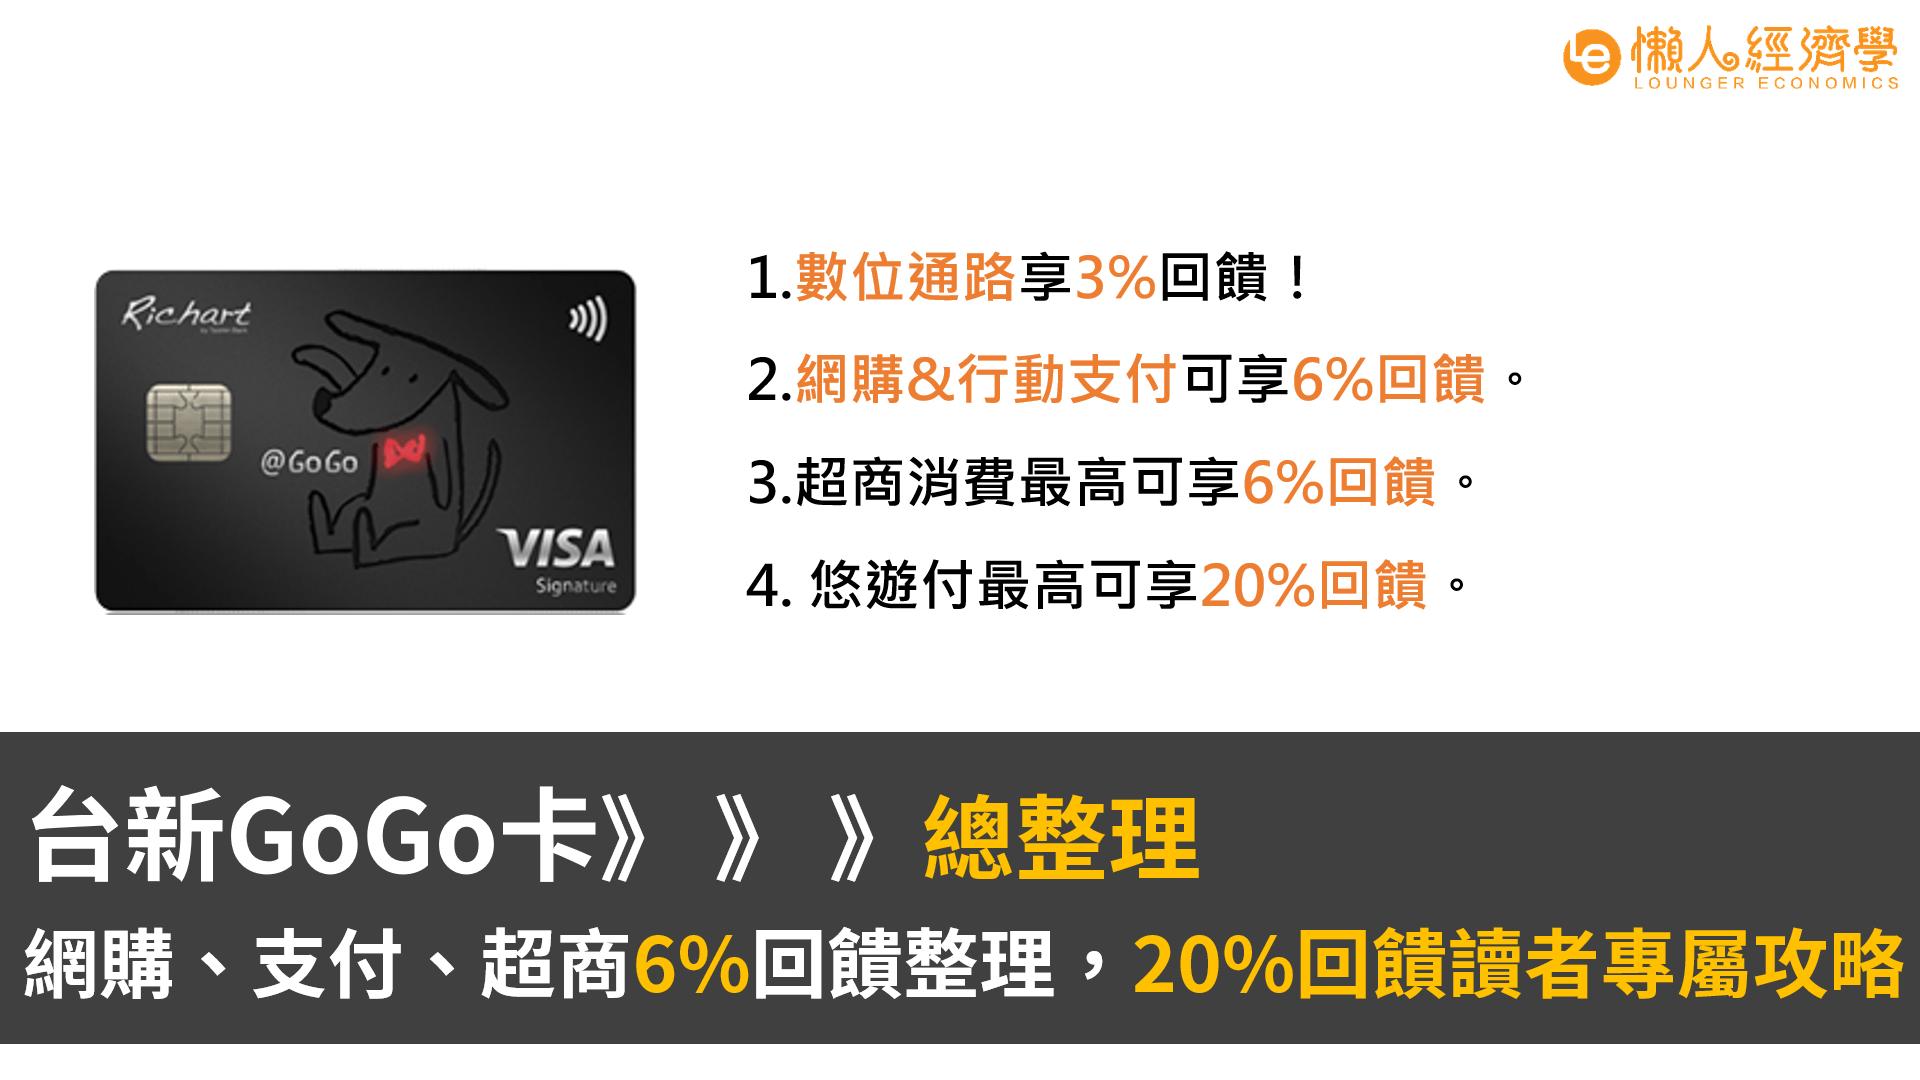 台新GoGo卡:網購、支付、超商6%回饋整理,20%回饋讀者專屬攻略